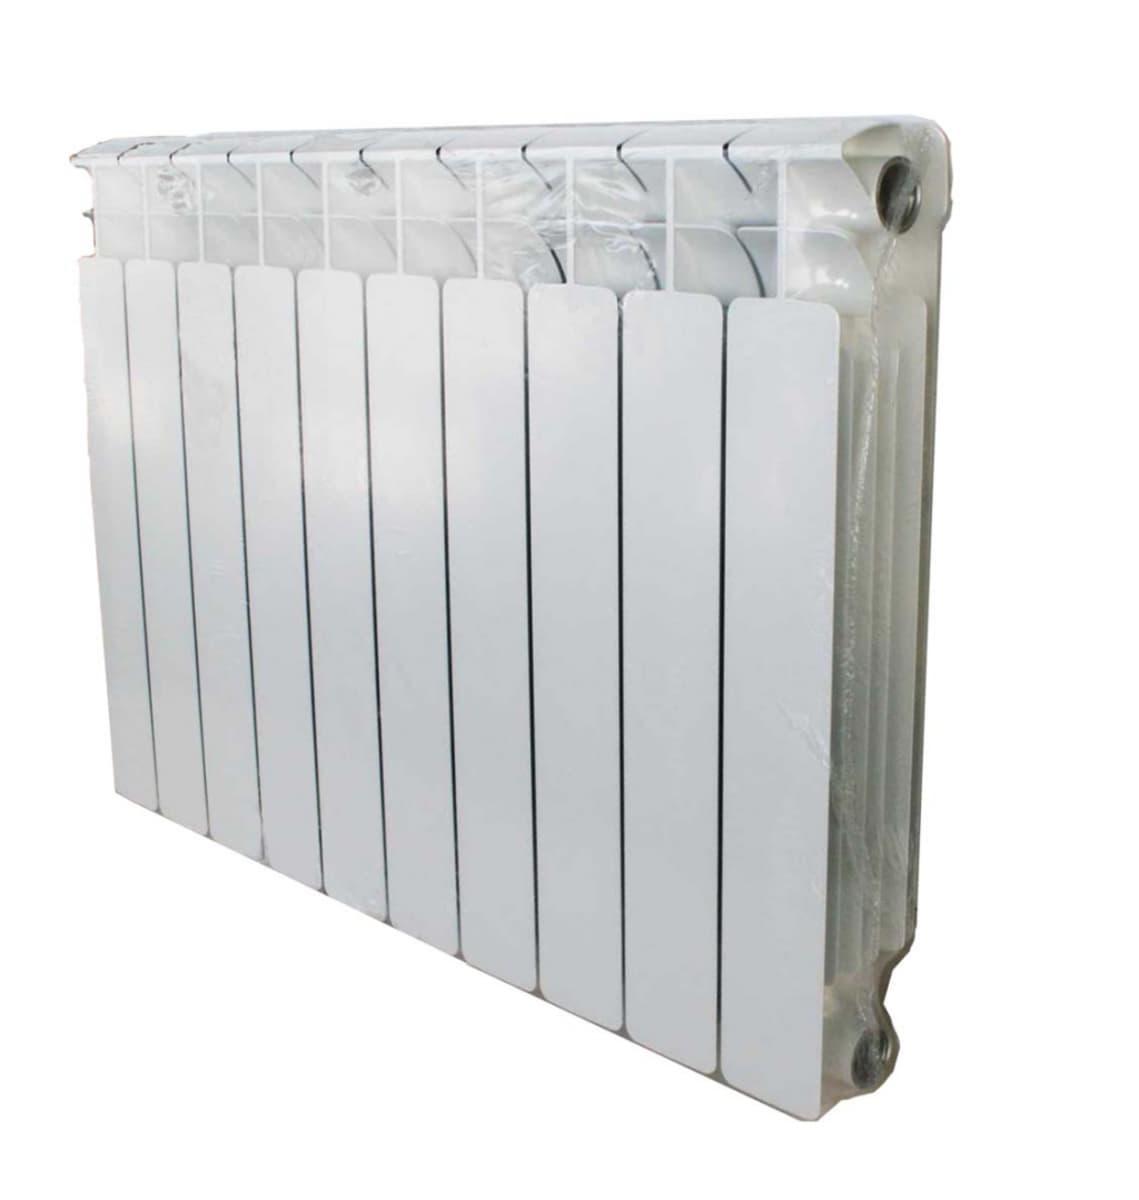 Радиаторы sira: отзывы пользователей, описание биметаллических и алюминиевых моделей, цены